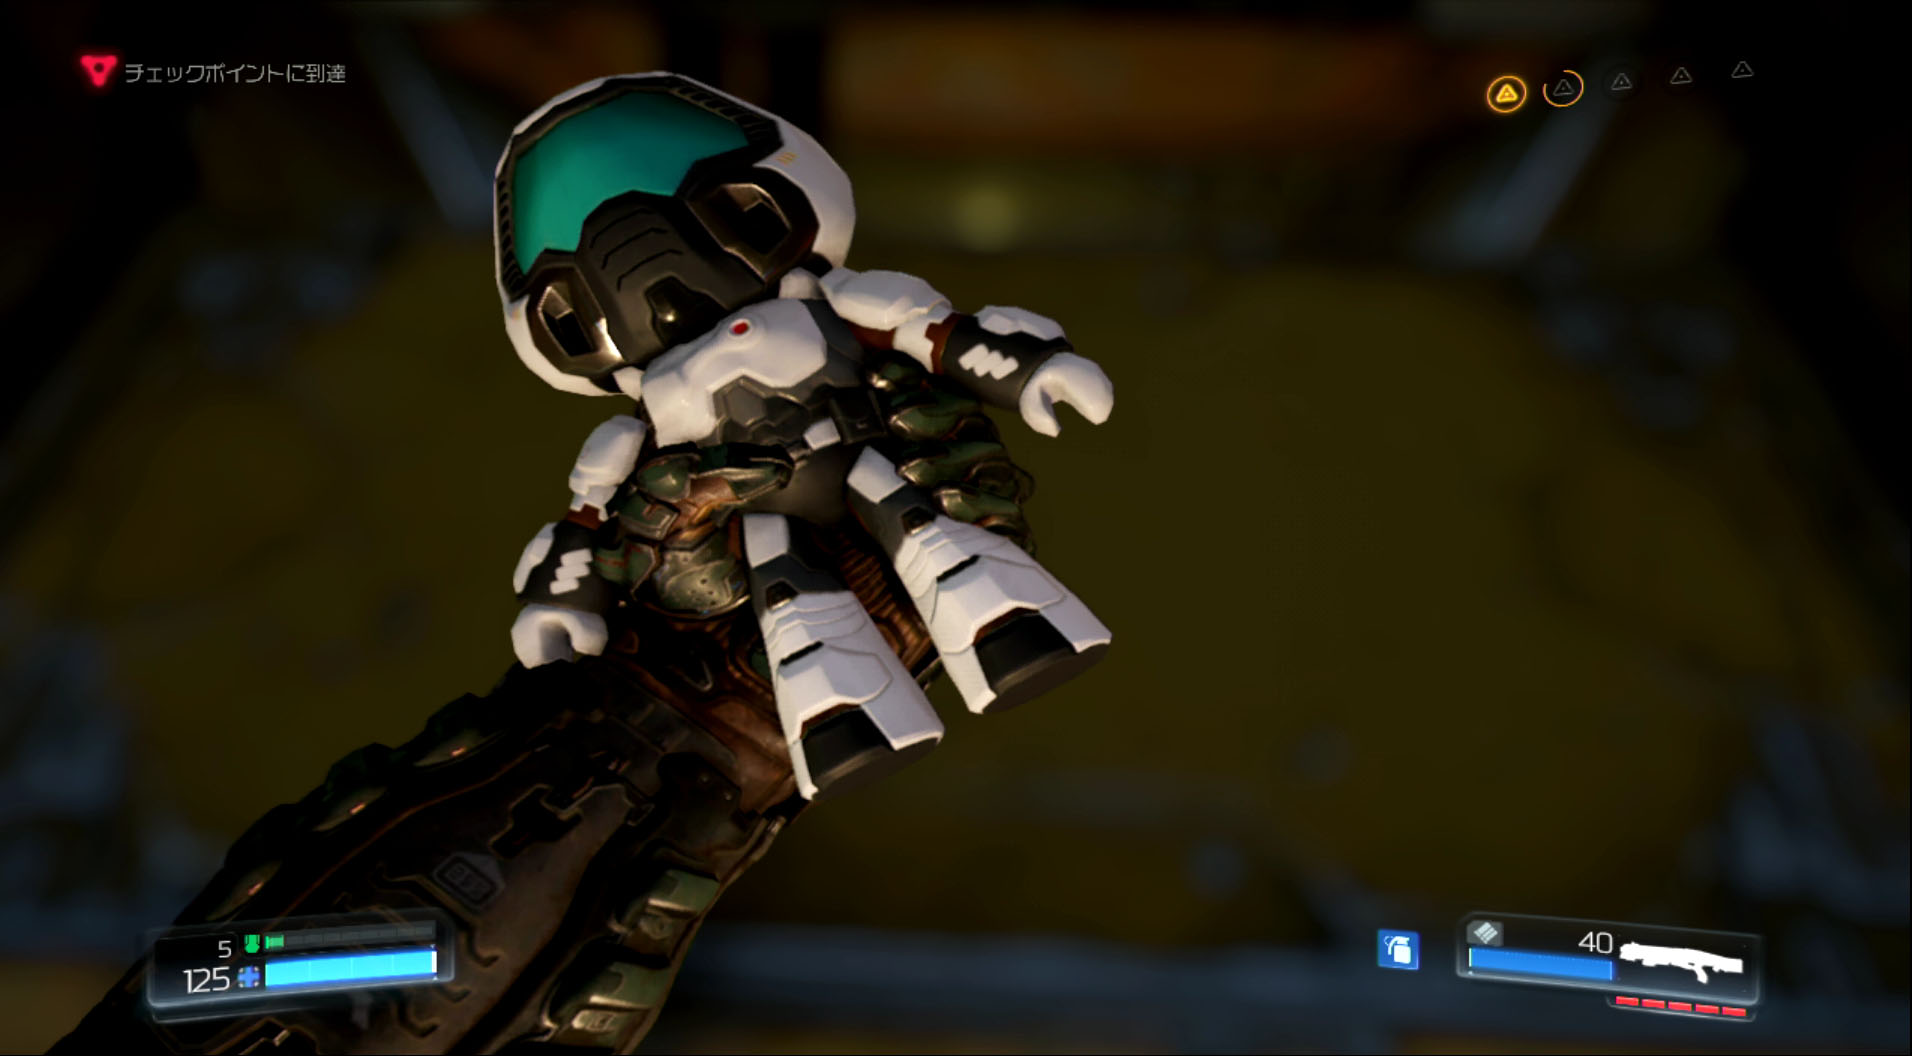 収集アイテムの人形